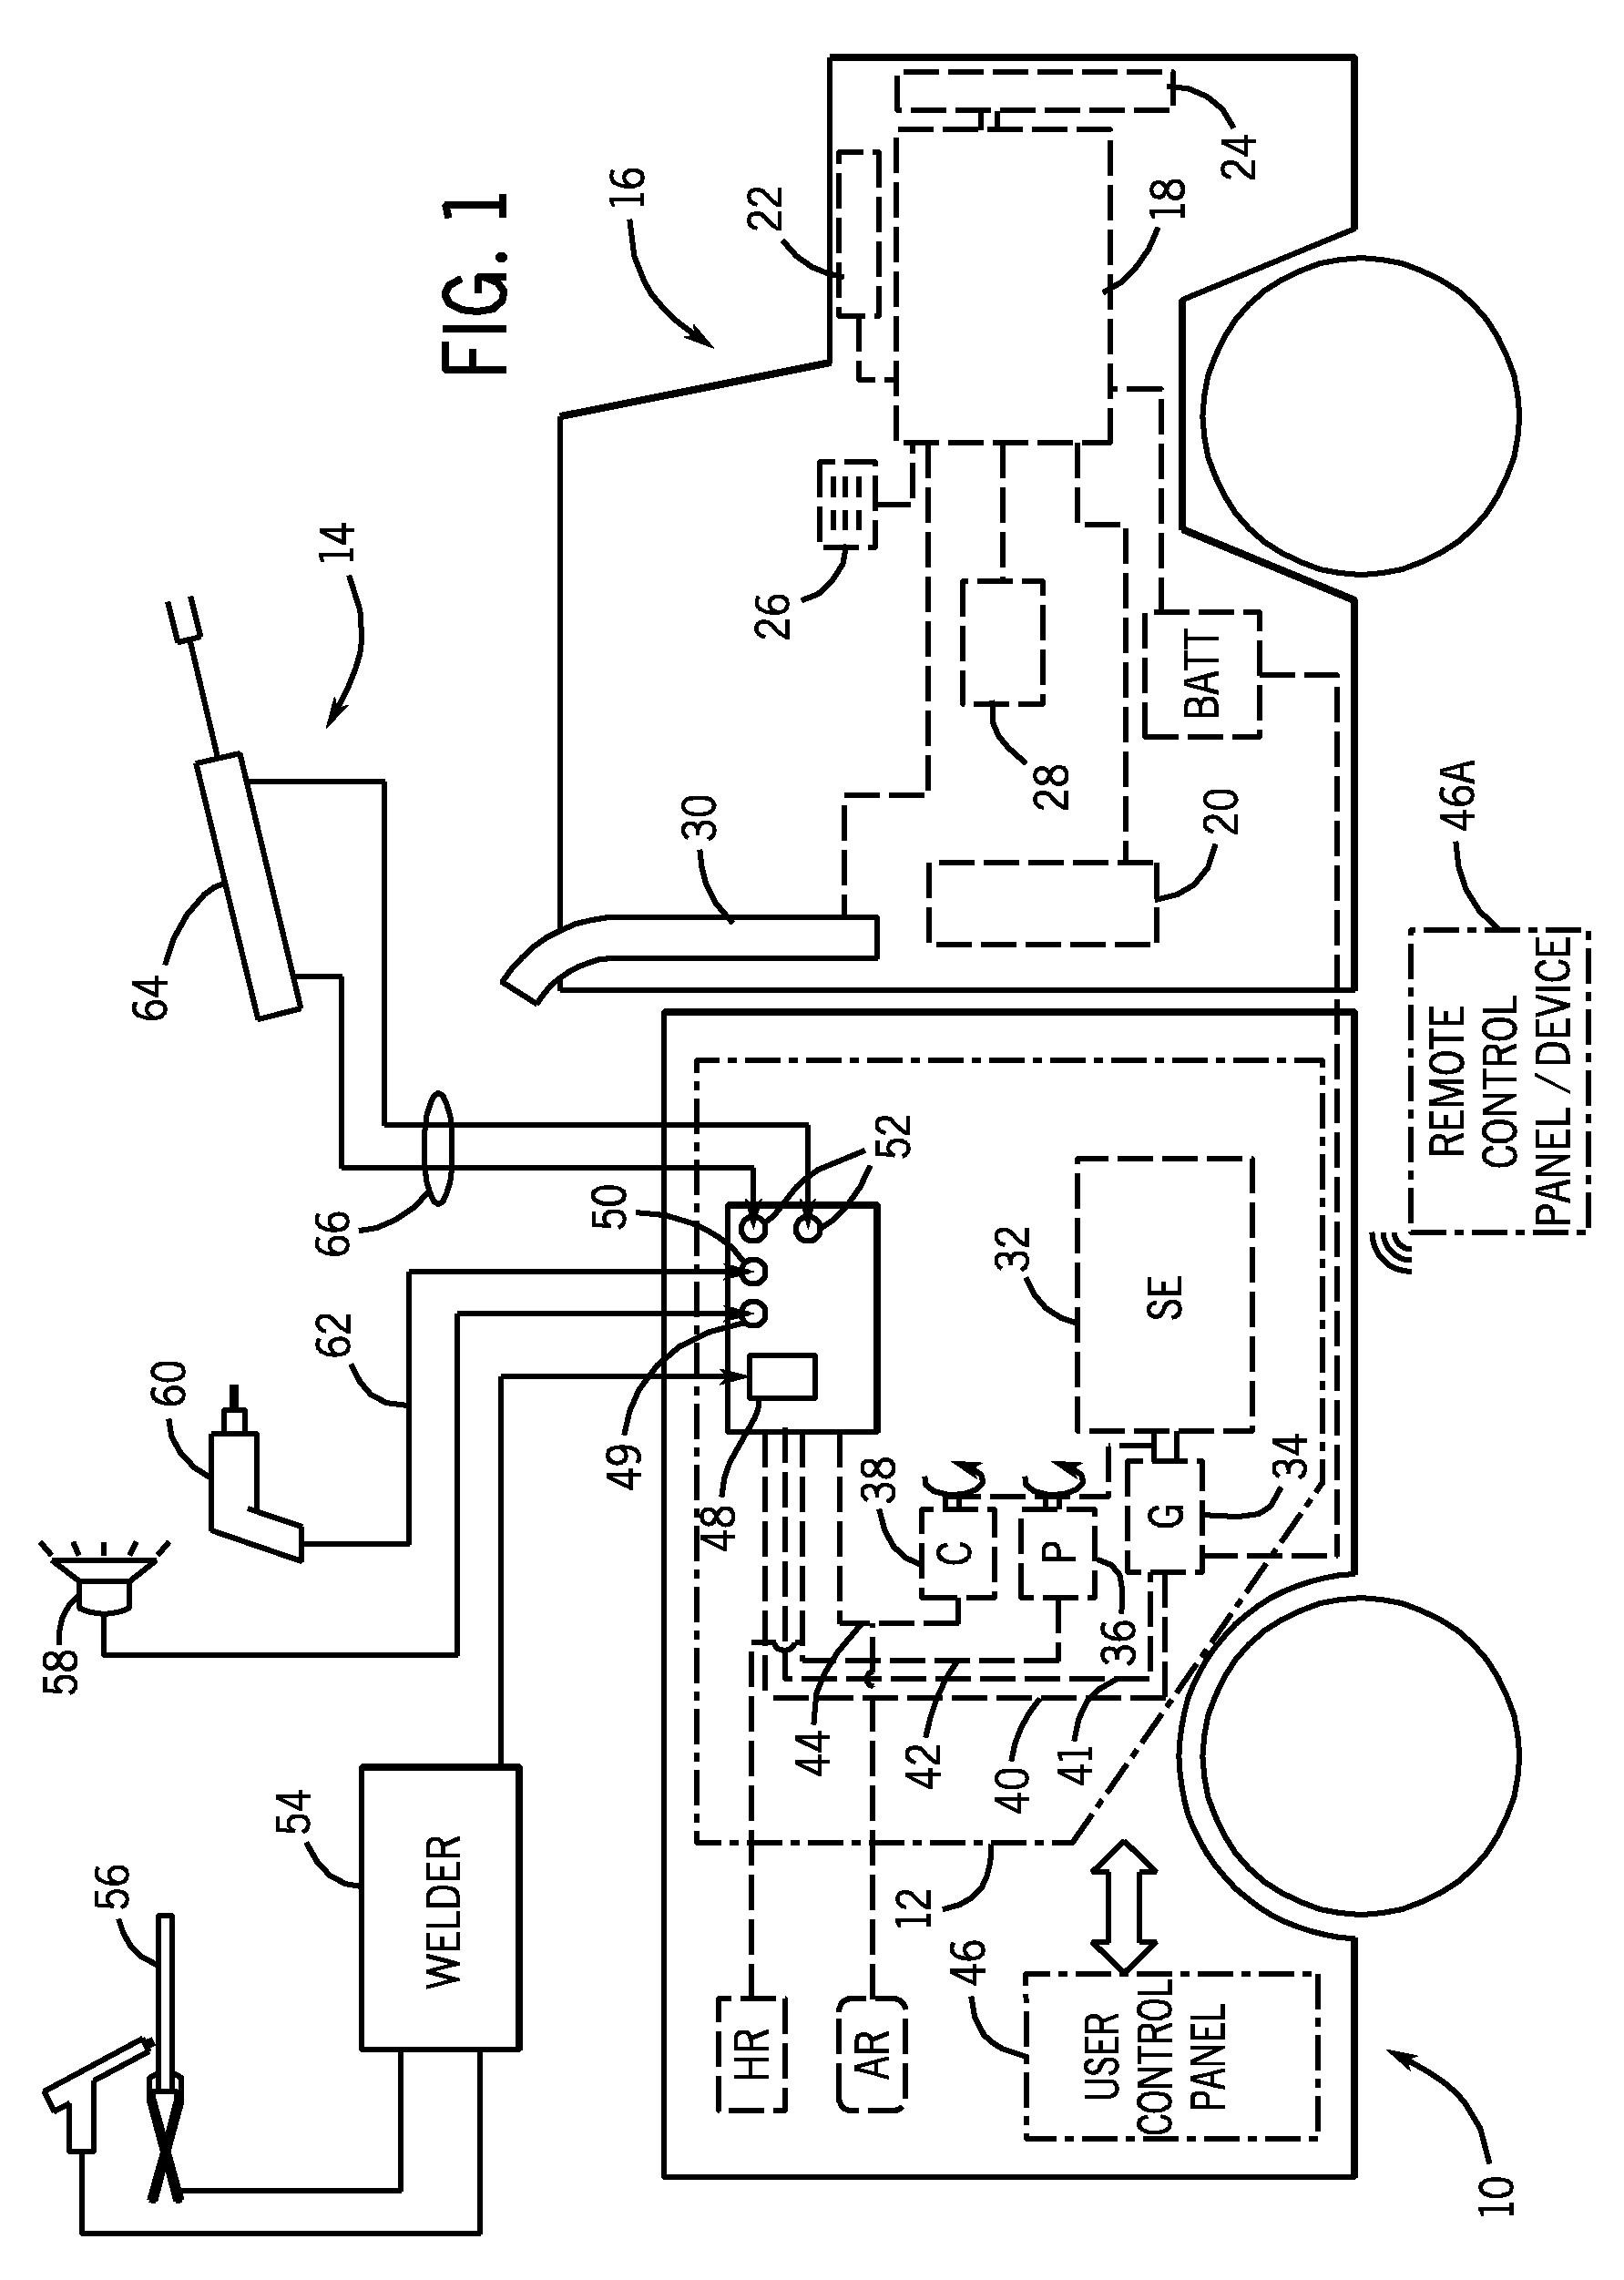 Wiring Manual 12v Wiring Diagram For Hydraulic Motor